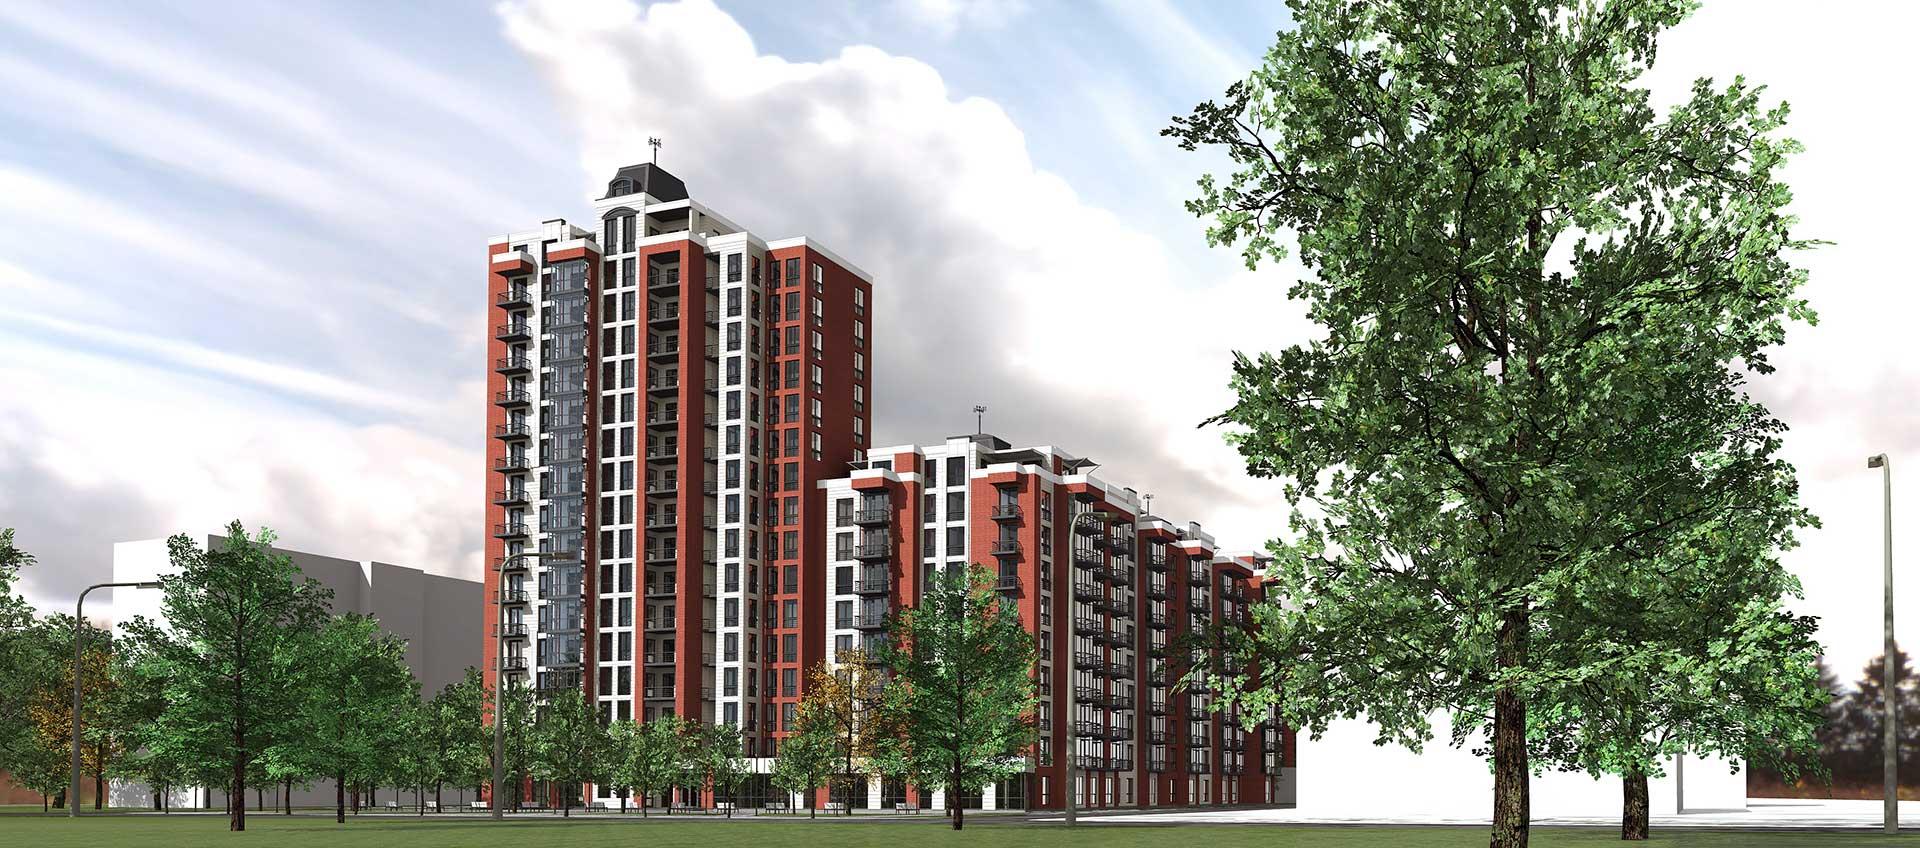 Проектное предложение жилого комплекса по ул. Порика в г. Виннице (фото 4)